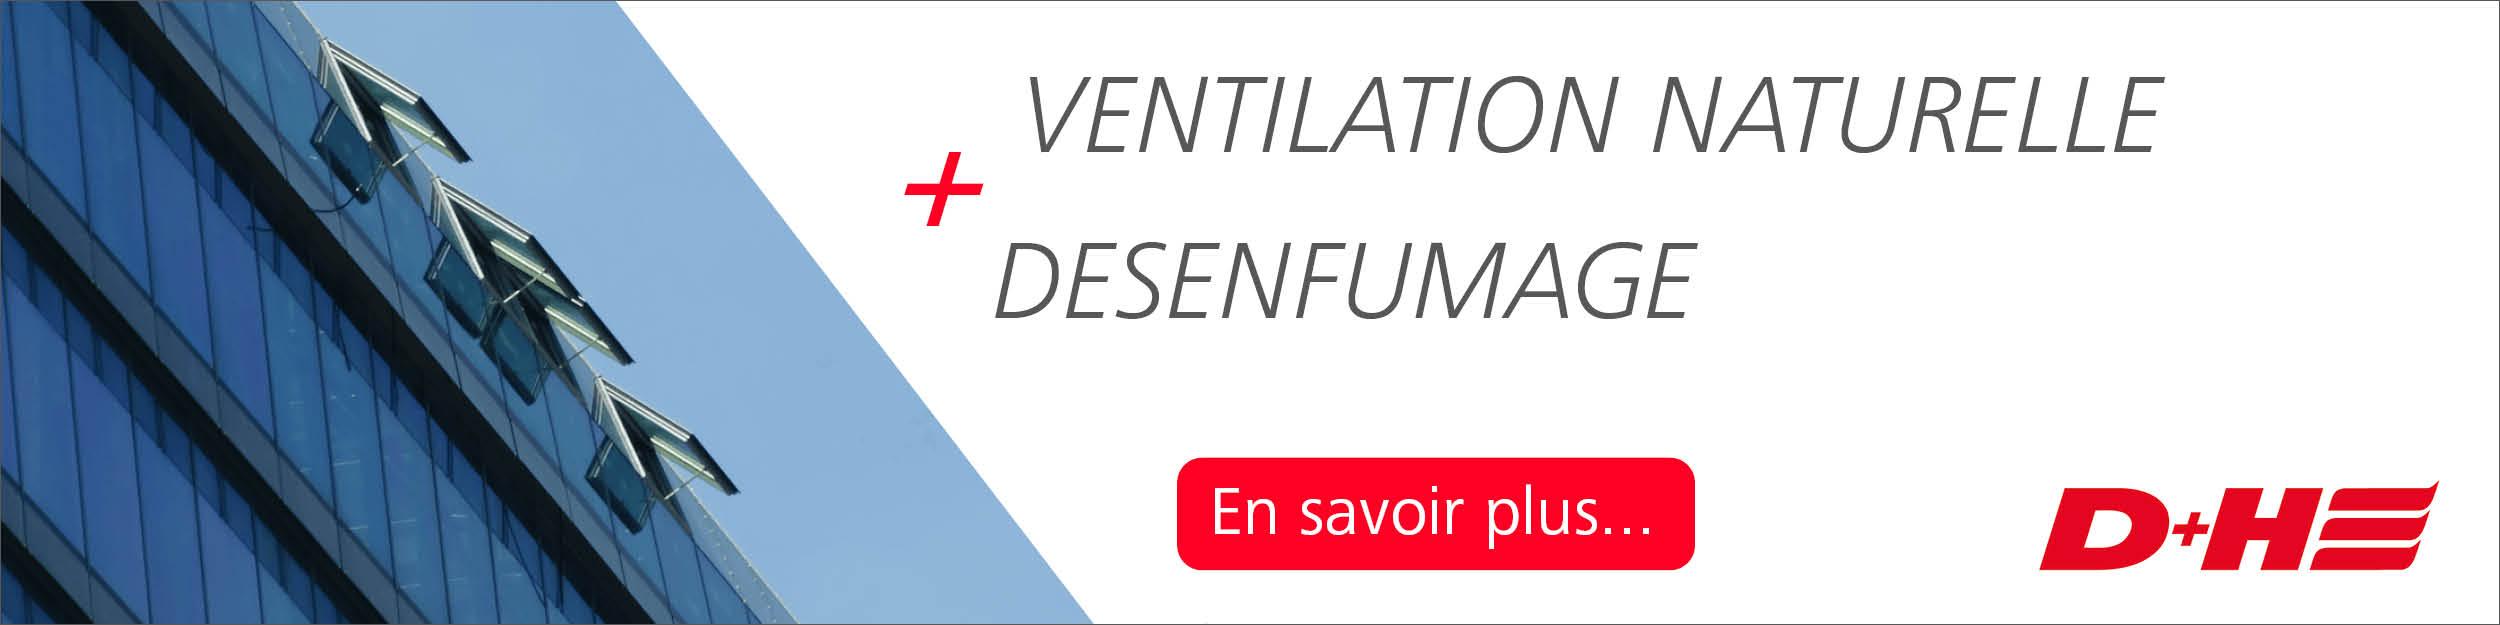 D+H -  Désenfumage / Ventilation naturelle